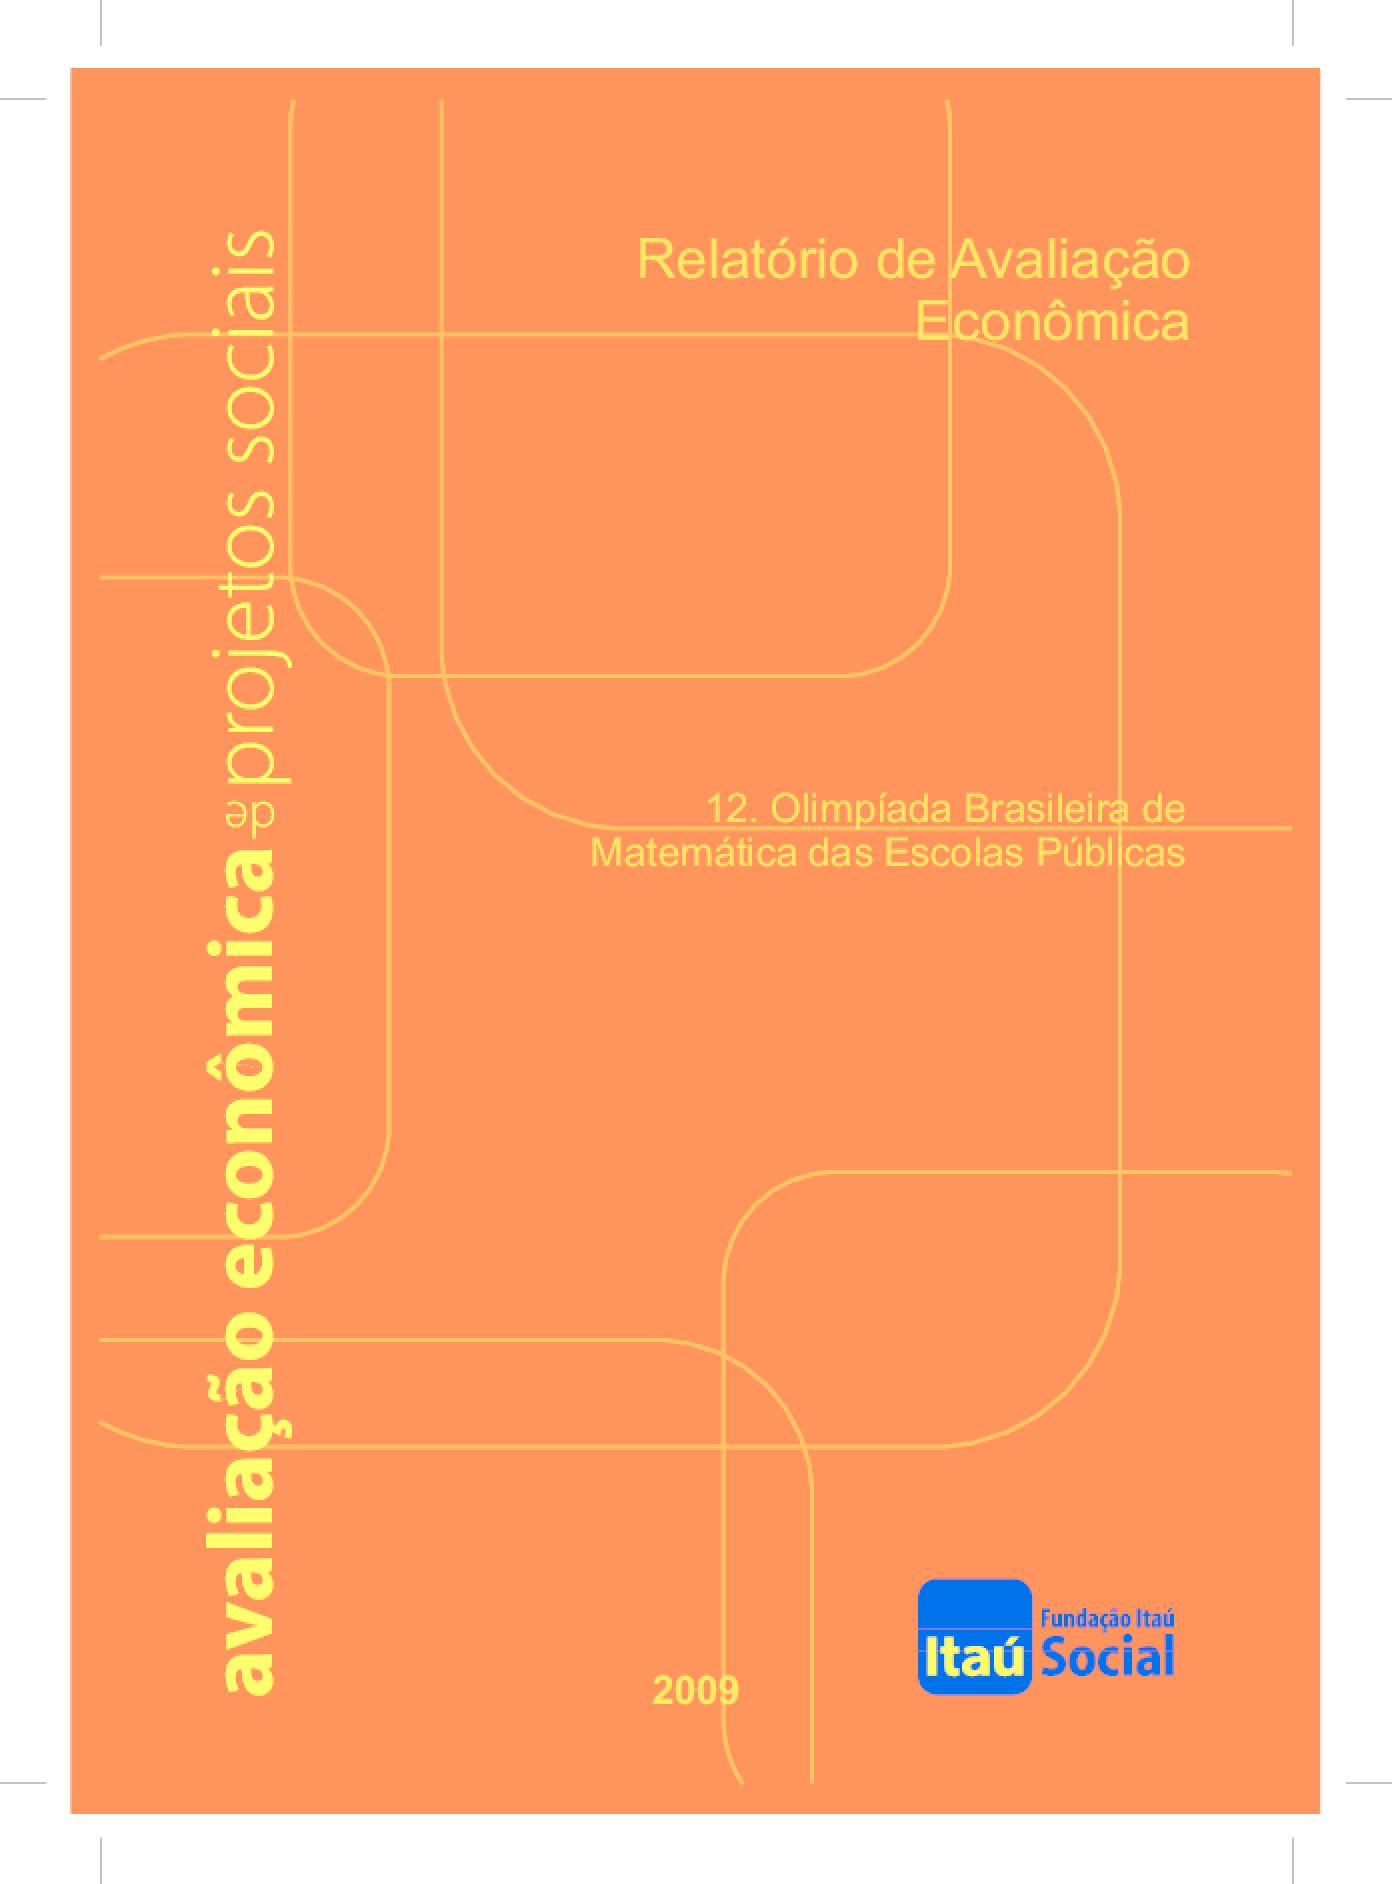 Avaliação econômica - Olimpíada brasileira de matemática das escolas públicas